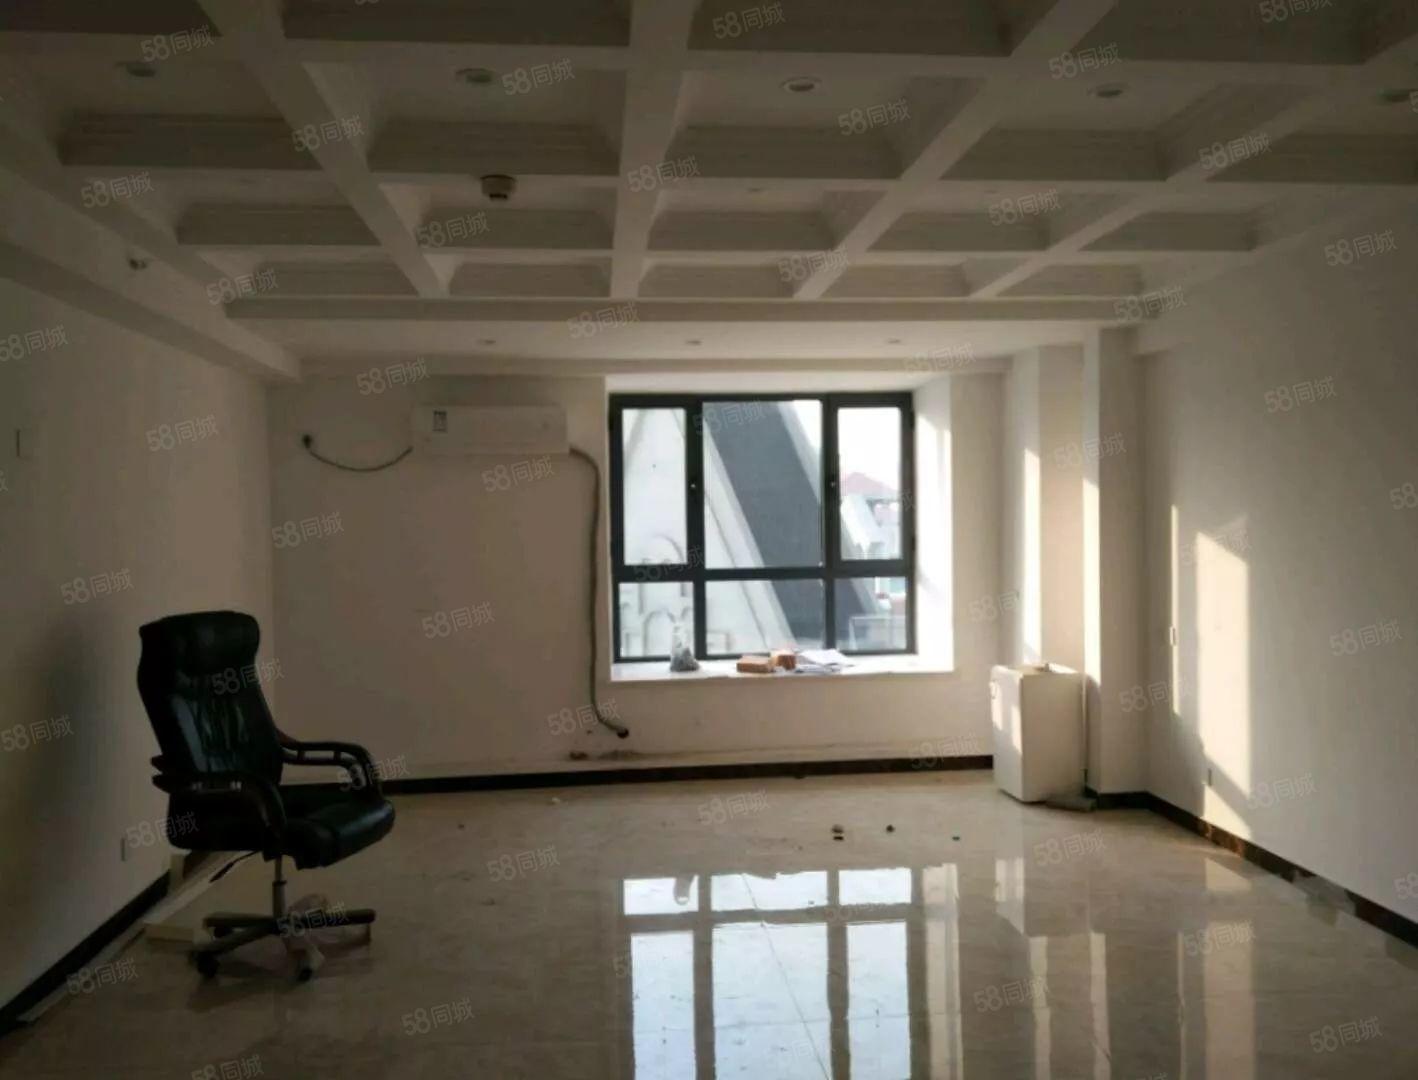 港区繁华商业区,一室一厅,标间急租,适合居住更适合办公